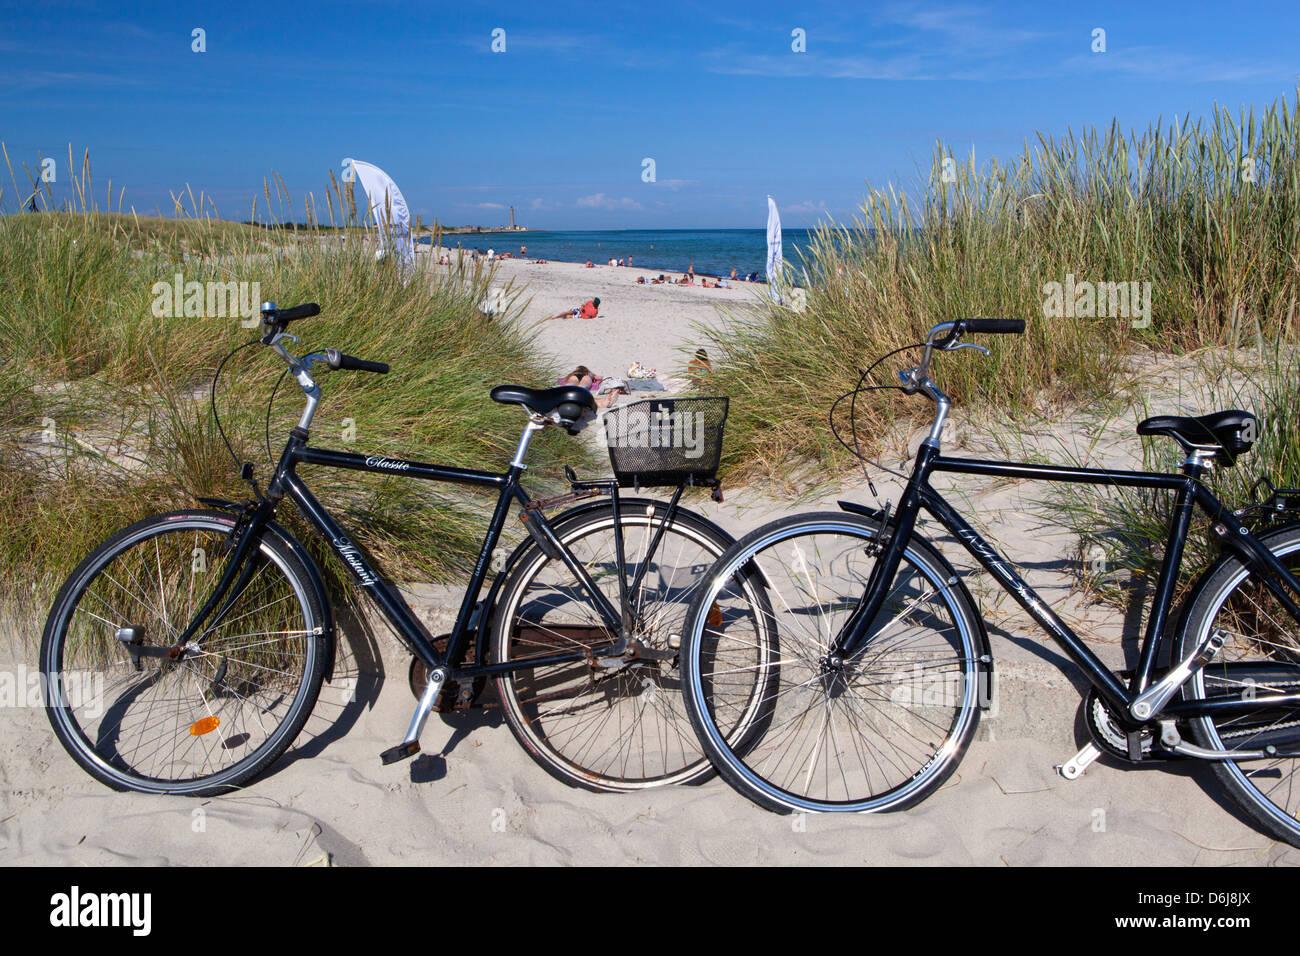 Skagen Sonderstrand beach, Skagen, Jutland, Denmark, Scandinavia, Europe Stock Photo